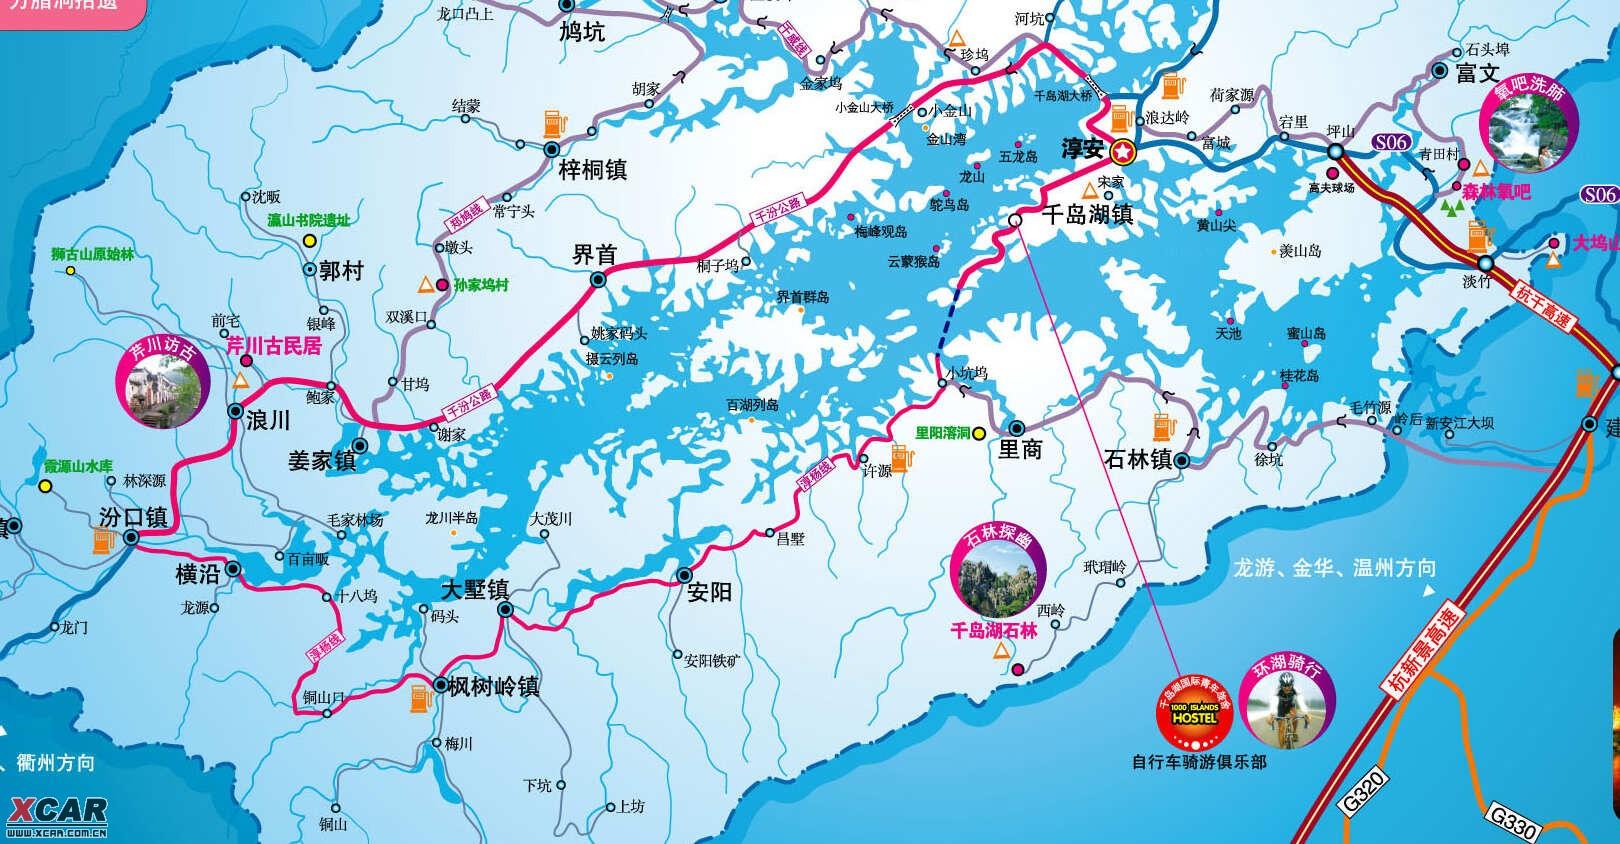 3月28日,千岛湖自驾安安环湖游附简单路书